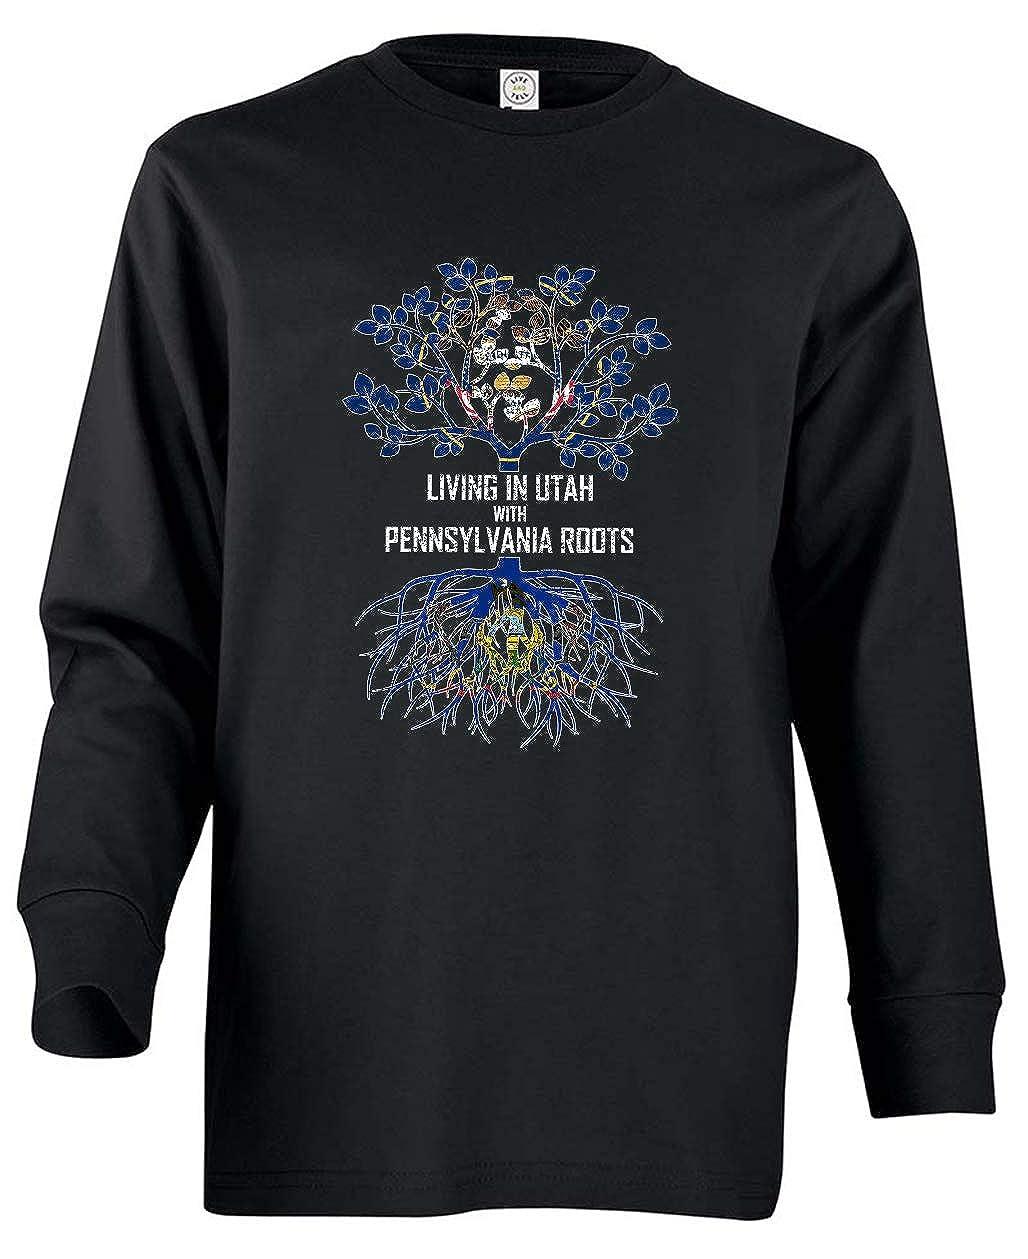 Tenacitee Babys Living in Pennsylvania with Utah Roots Shirt